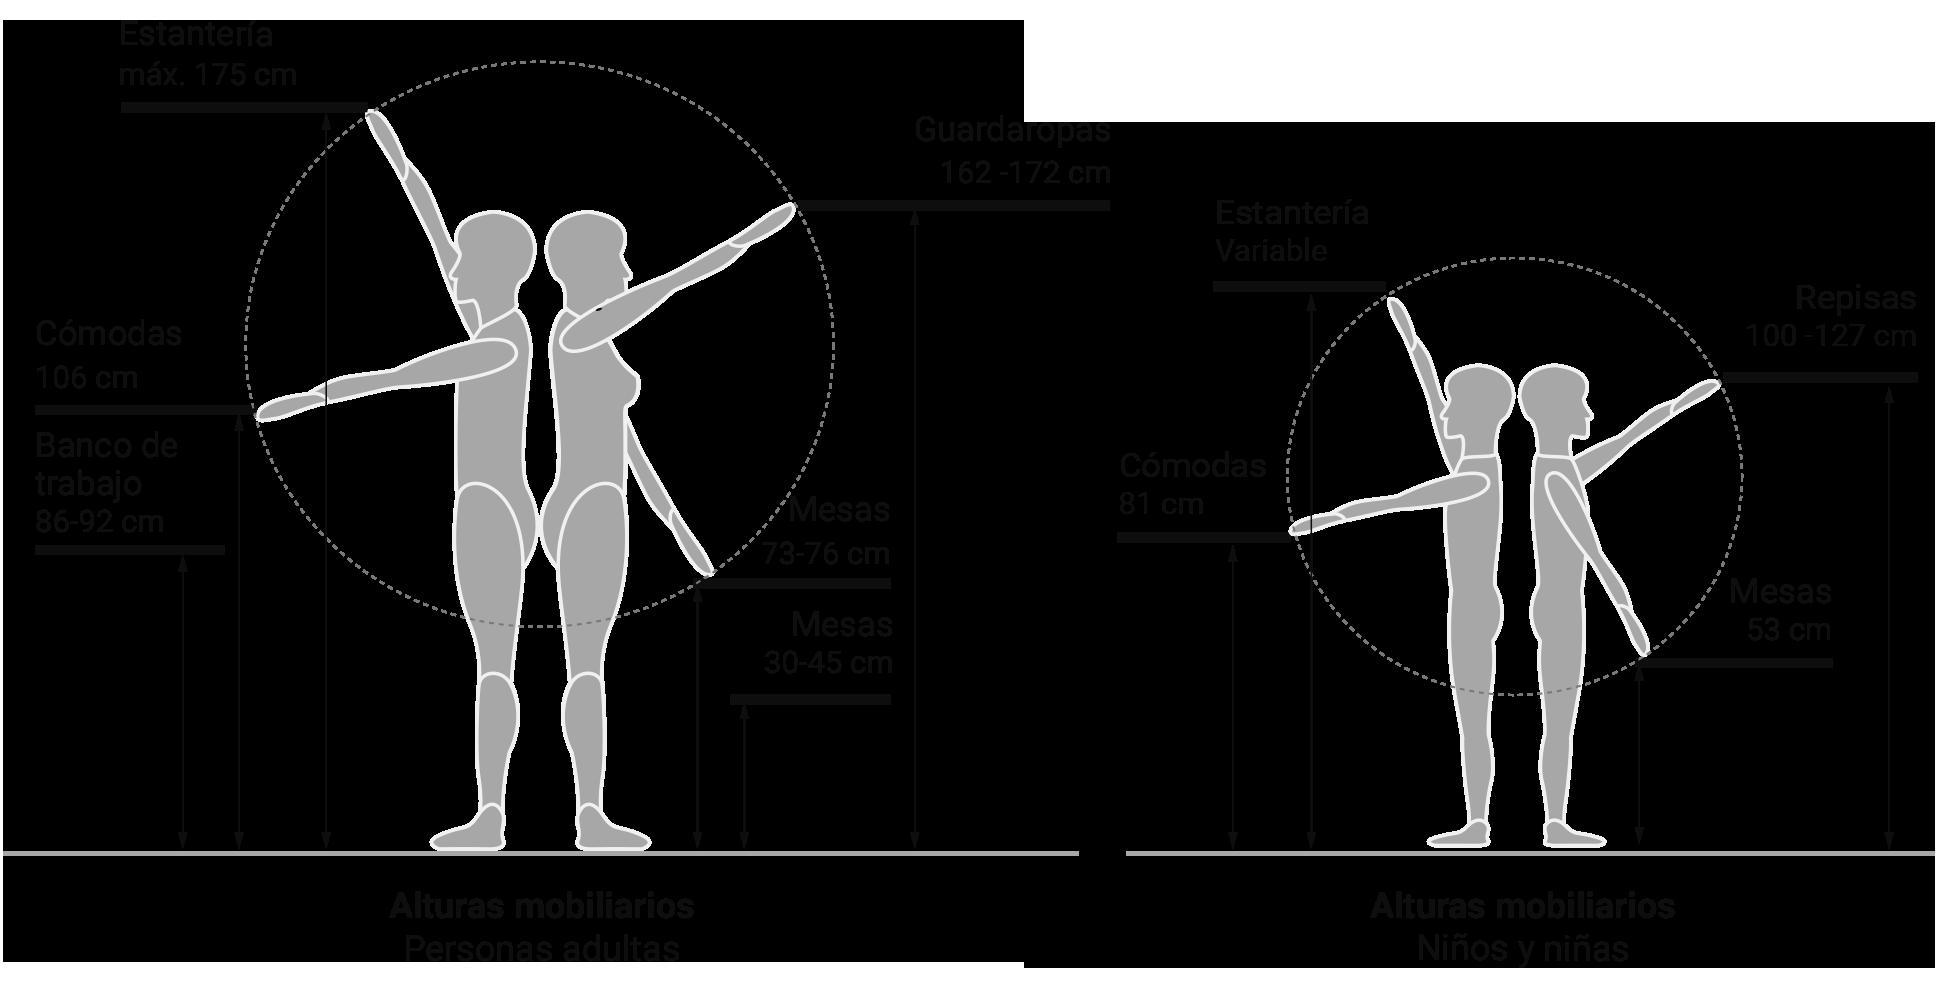 El recetario criterios de dise o y ergonom a for Antropometria y ergonomia en arquitectura